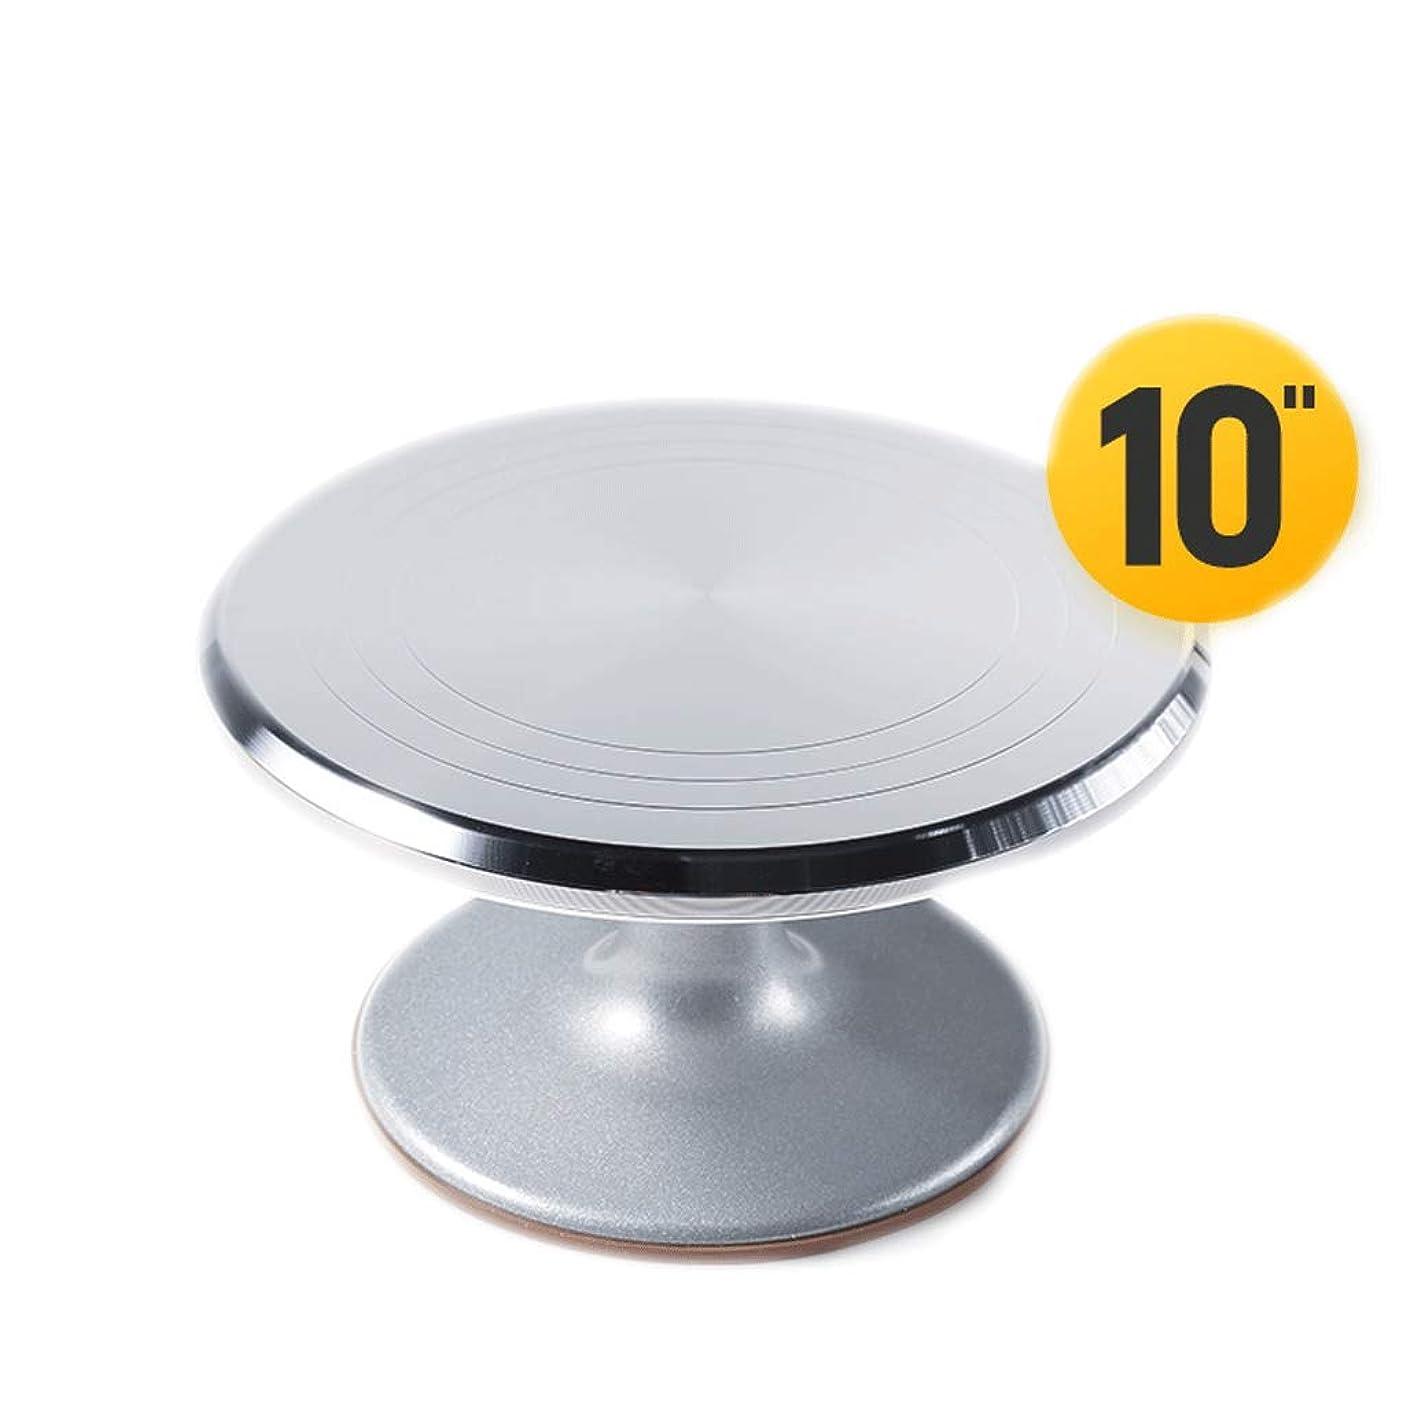 基準夜の動物園忌み嫌うなめらか ケーキターンテーブル10/12/14インチのケーキターンテーブルベーキングツールアルミ合金テーブル回転面のターンテーブル 安定した (Color : Standard, Size : 10 inches)